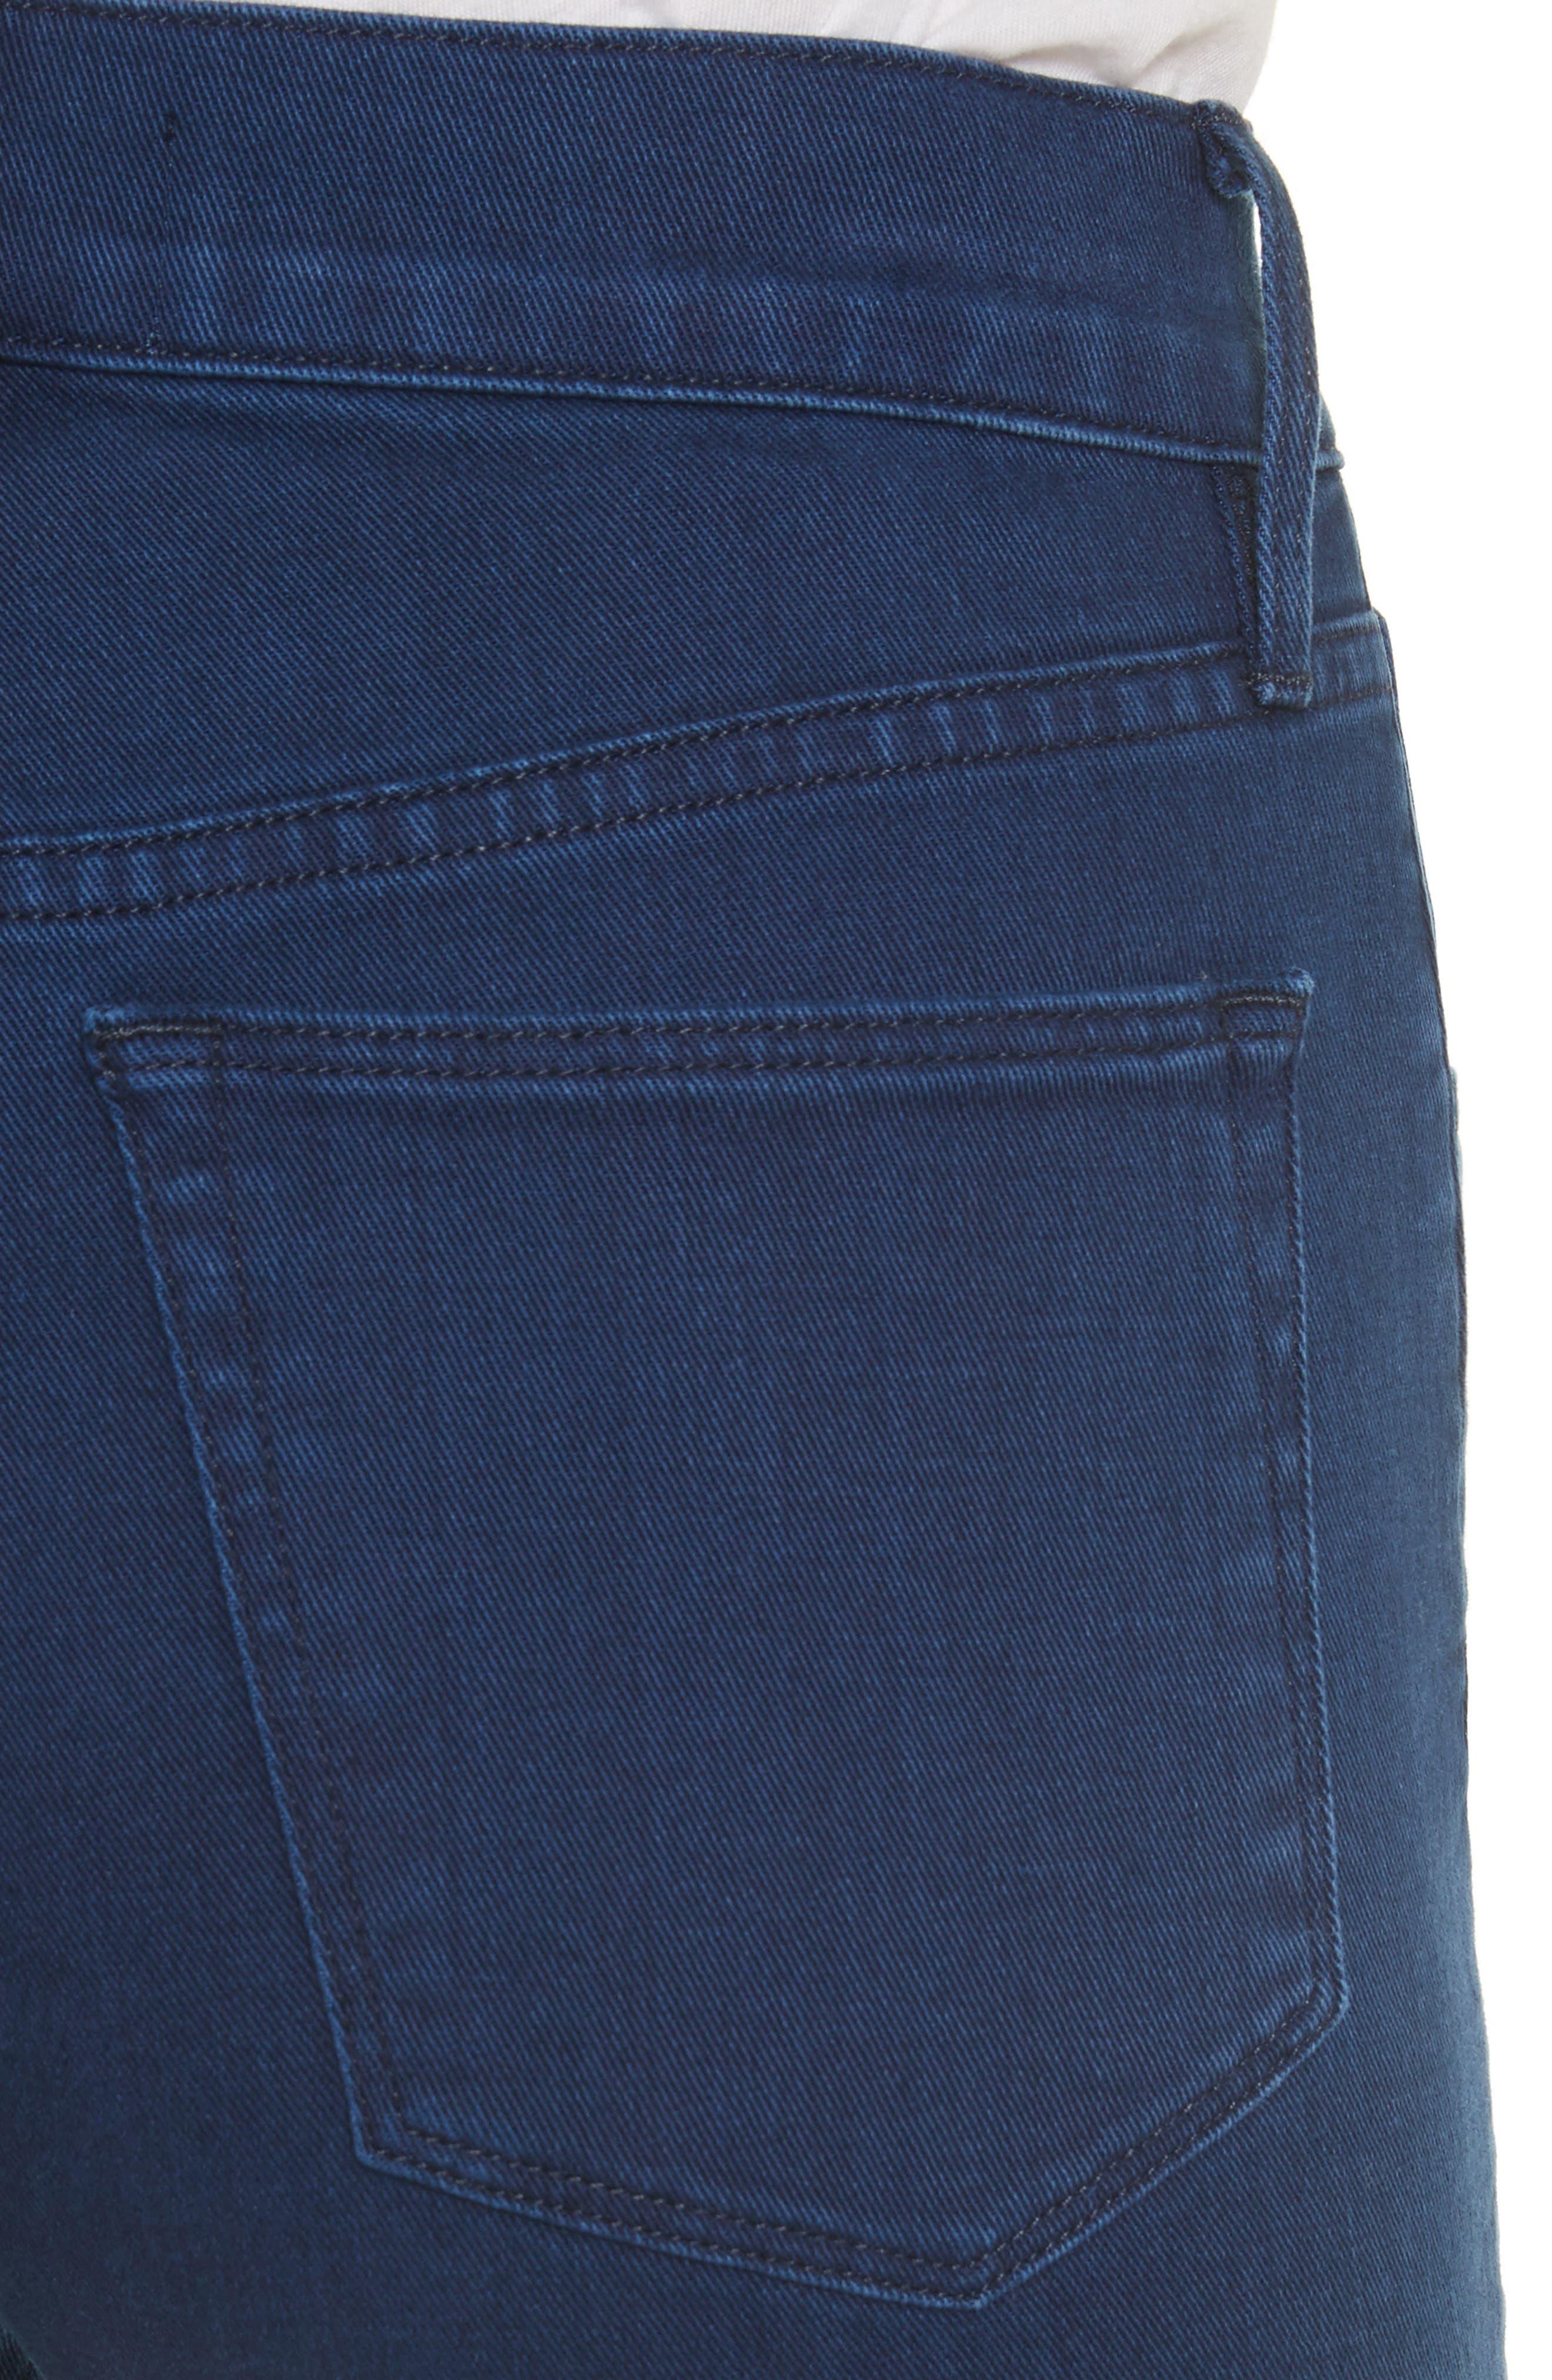 W4 Shelter Crop Wide Leg Jeans,                             Alternate thumbnail 4, color,                             Arrow